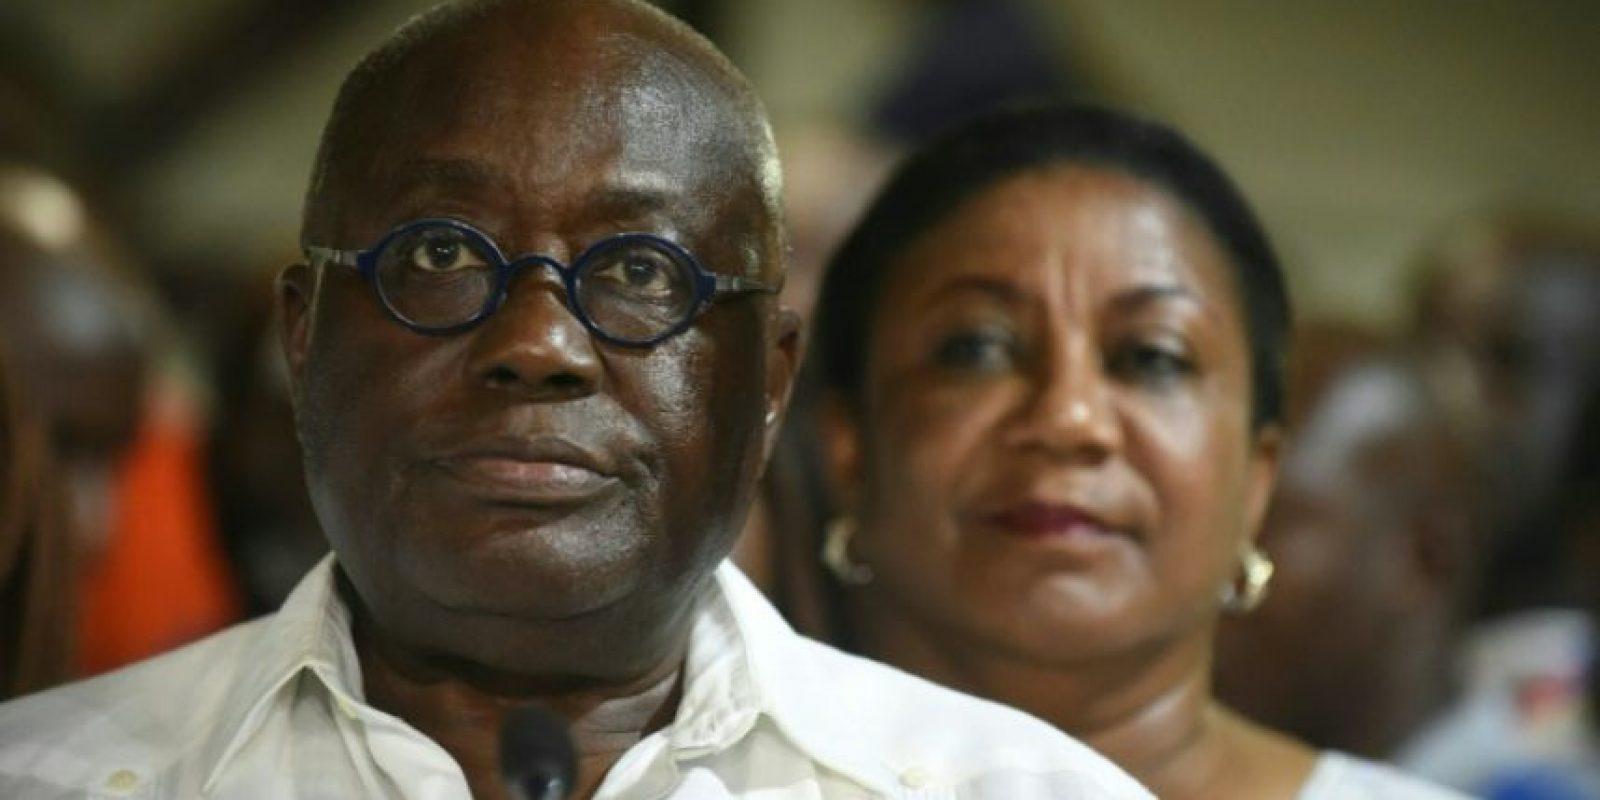 El presidente electo de Ghana, líder del opositor Nuevo Partido Patriótico, Nana Akufo-Addo, junto a su esposa, Rebecca, tras ser declarado ganador en la primera vuelta electoral del país, en Accra el 9 de diciembre de 2016 Foto:Pius Utomi Ekpei/afp.com